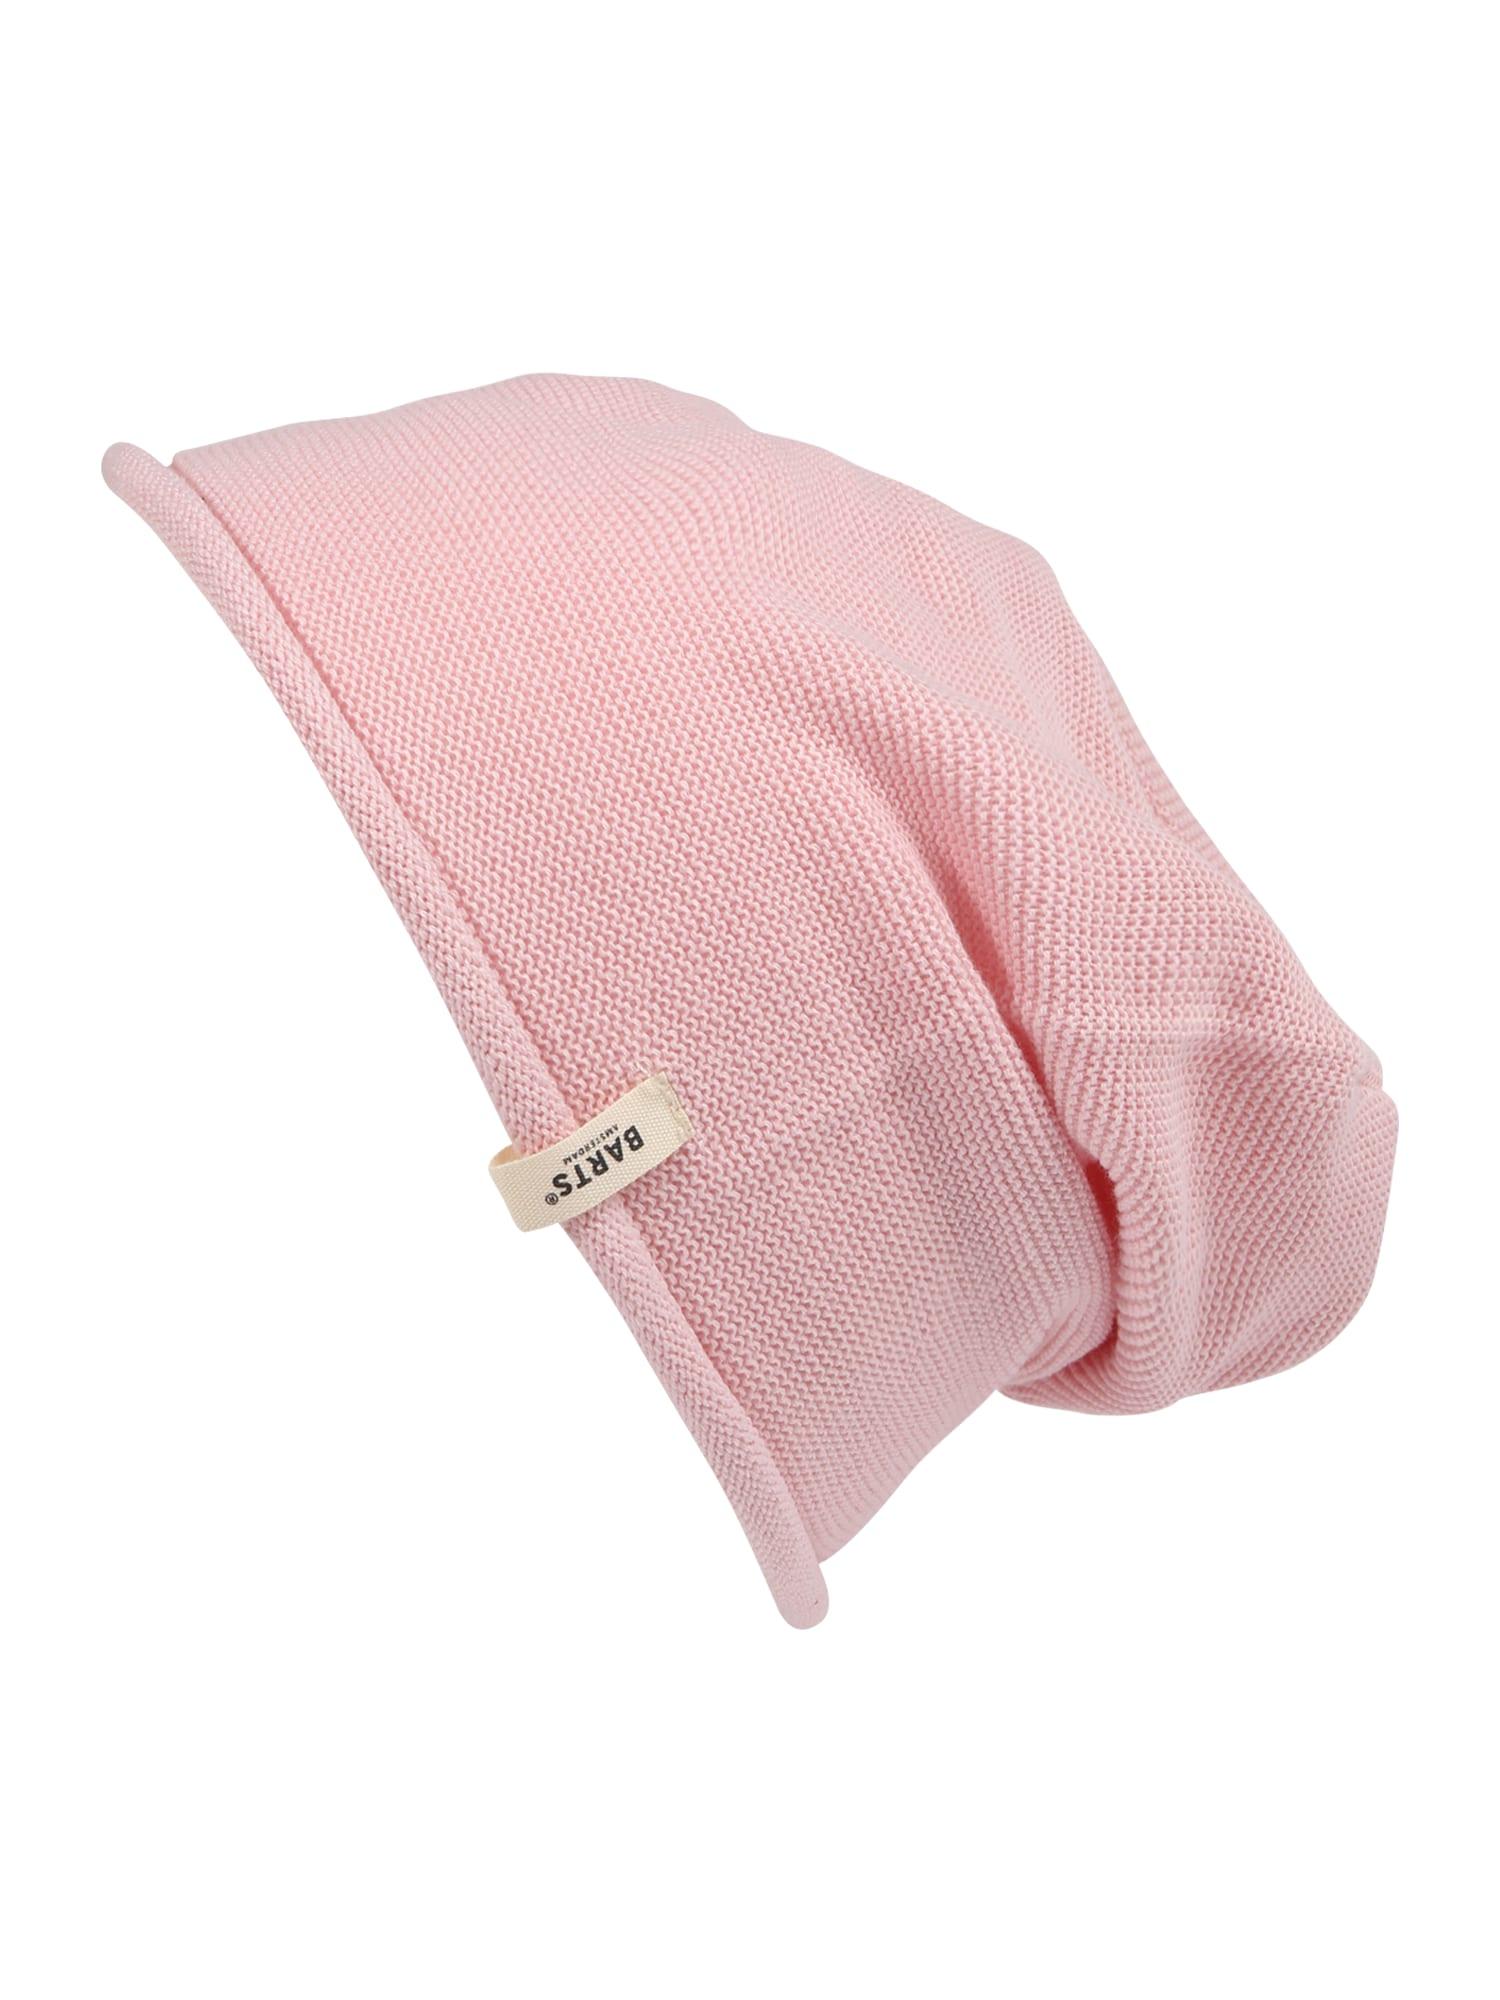 Čepice Caiman růžová Barts